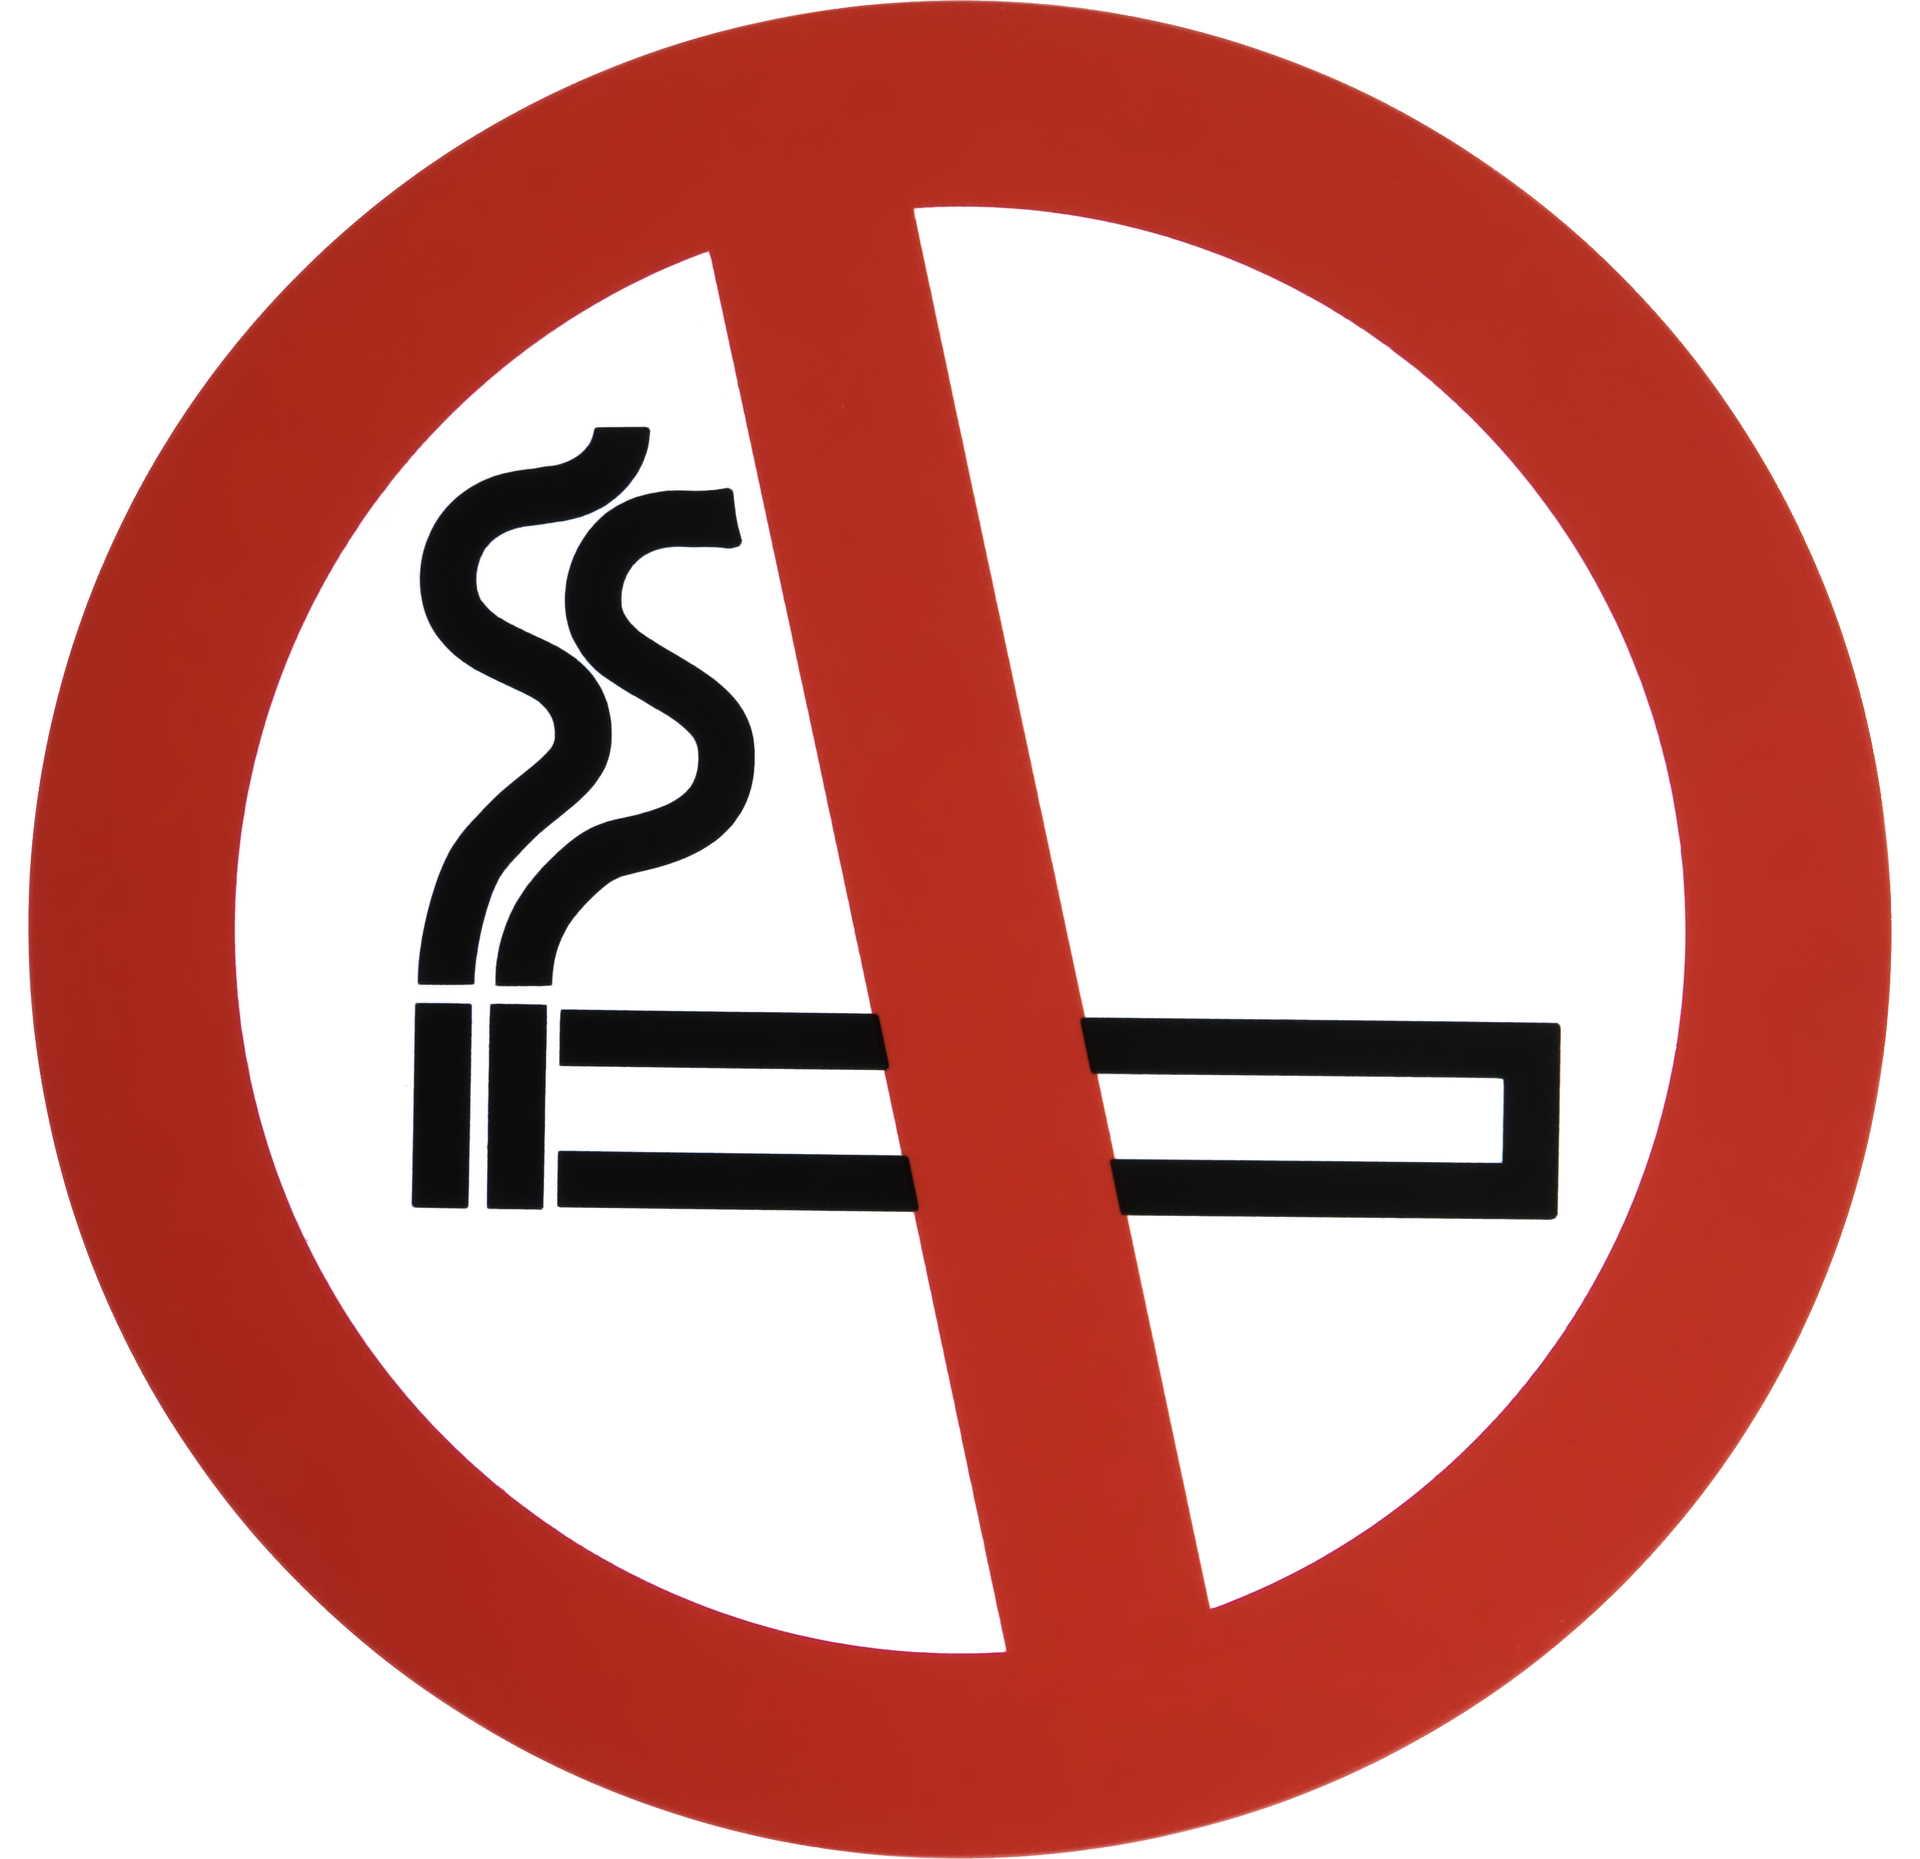 Tupakointi kielletty BB-talossa tästä päivästä alkaen. Kuva: © 2018 Snap_it / Pixabay.